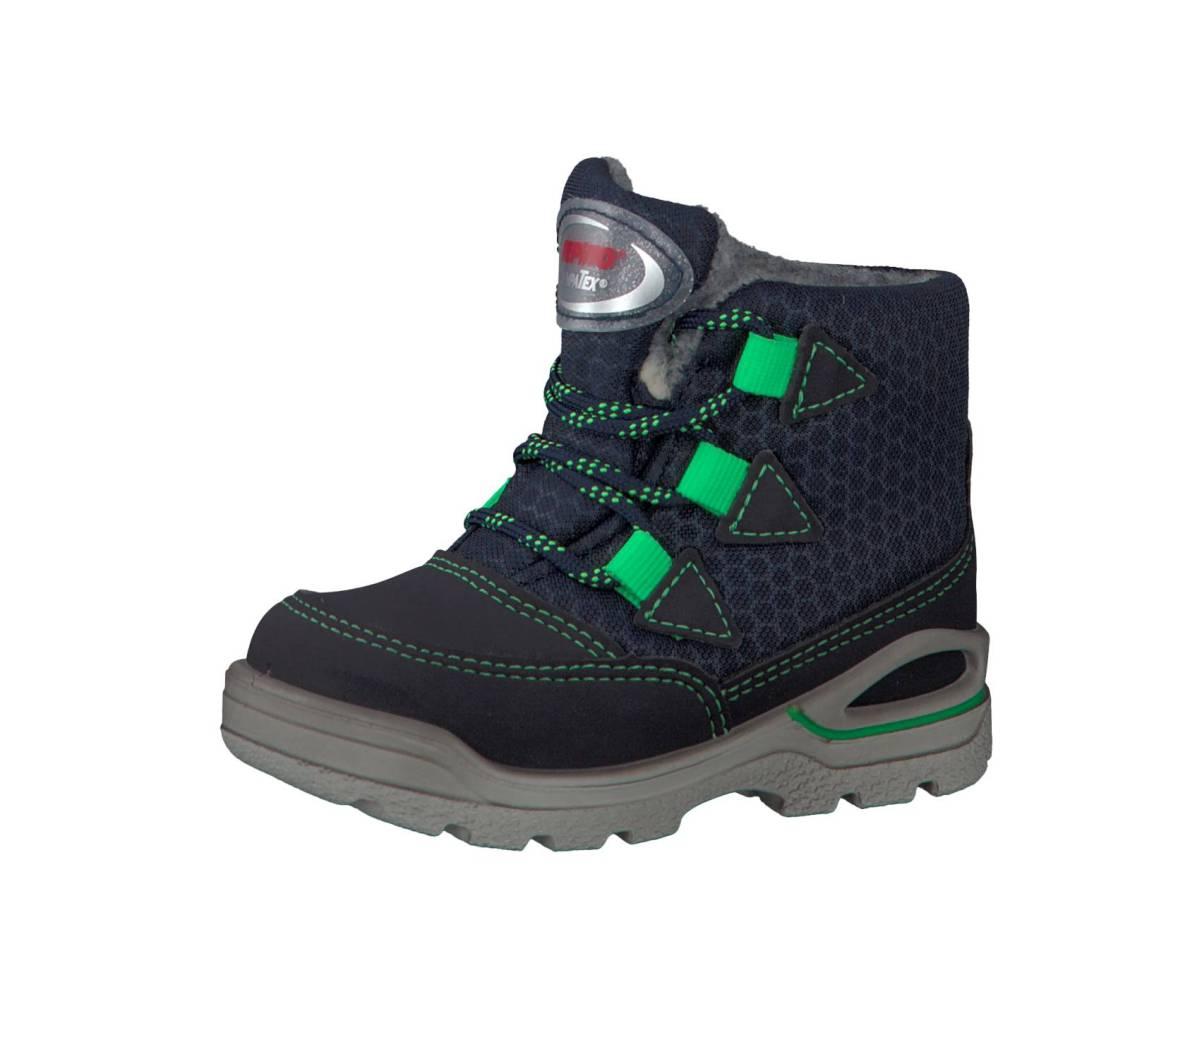 Ricosta Pepino Emil blau see ozean Schuhe Stiefel Boots Jungen Mädchen Kinder